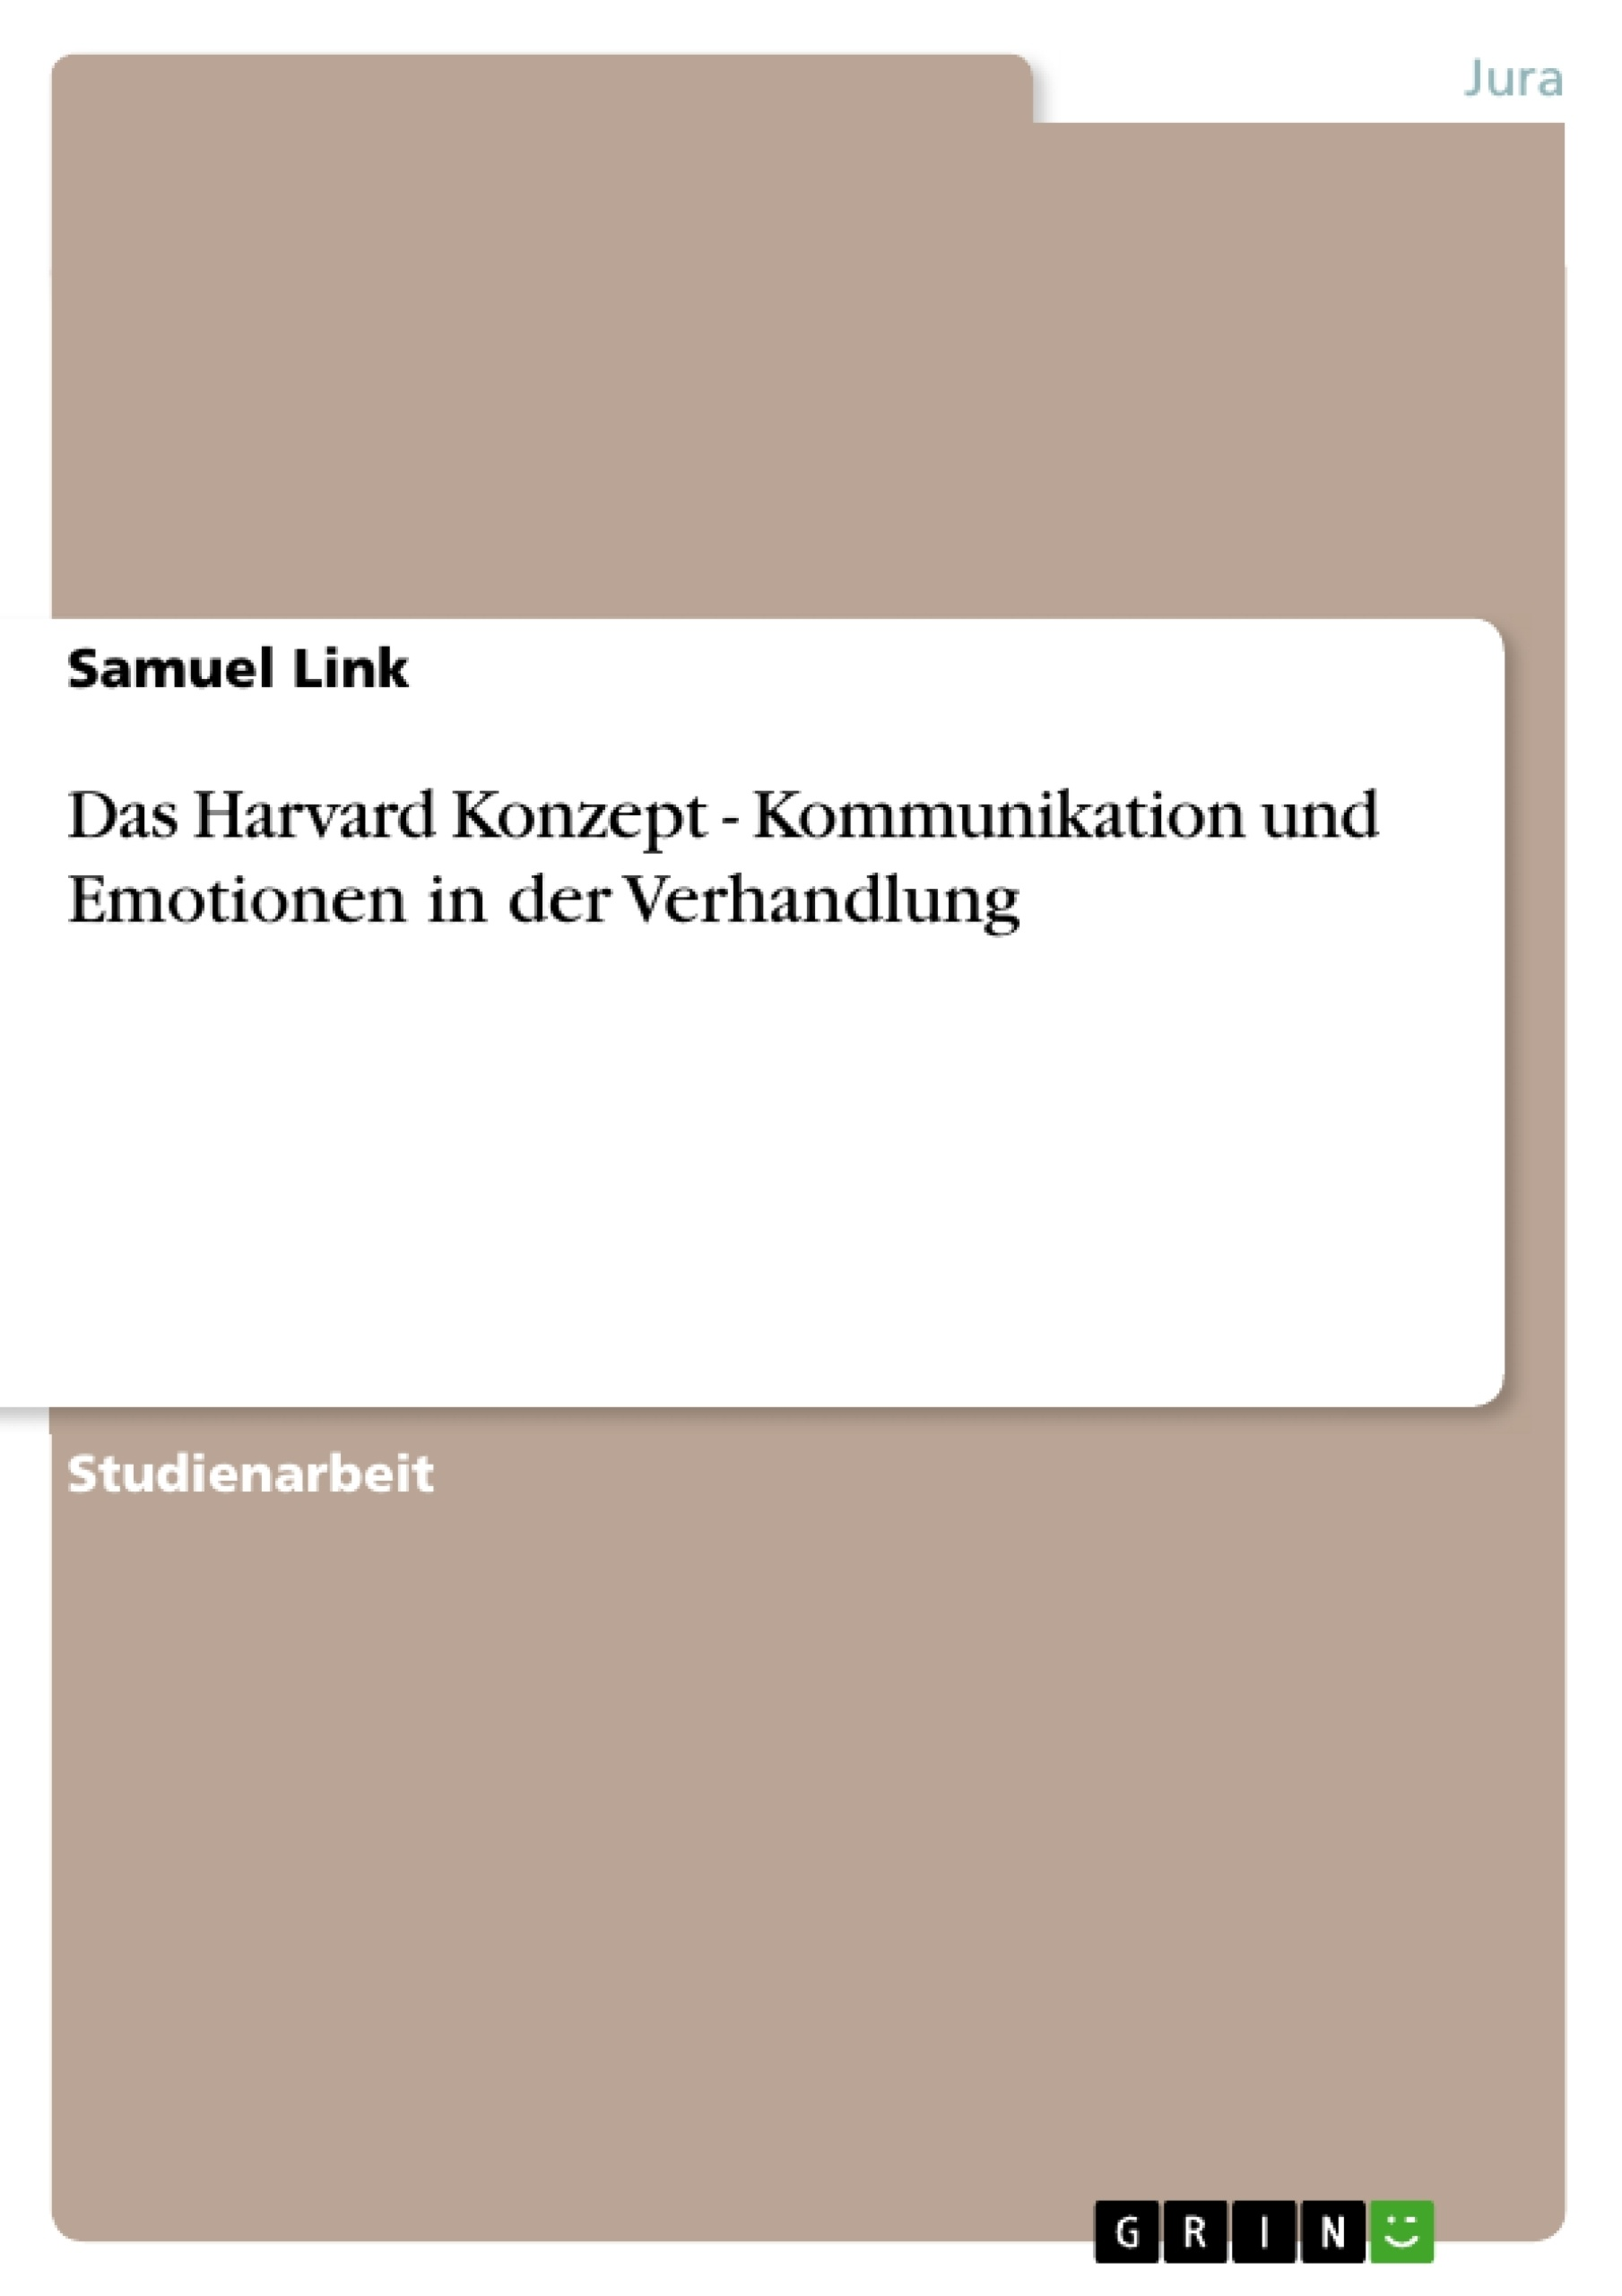 Titel: Das Harvard Konzept - Kommunikation und Emotionen in der Verhandlung